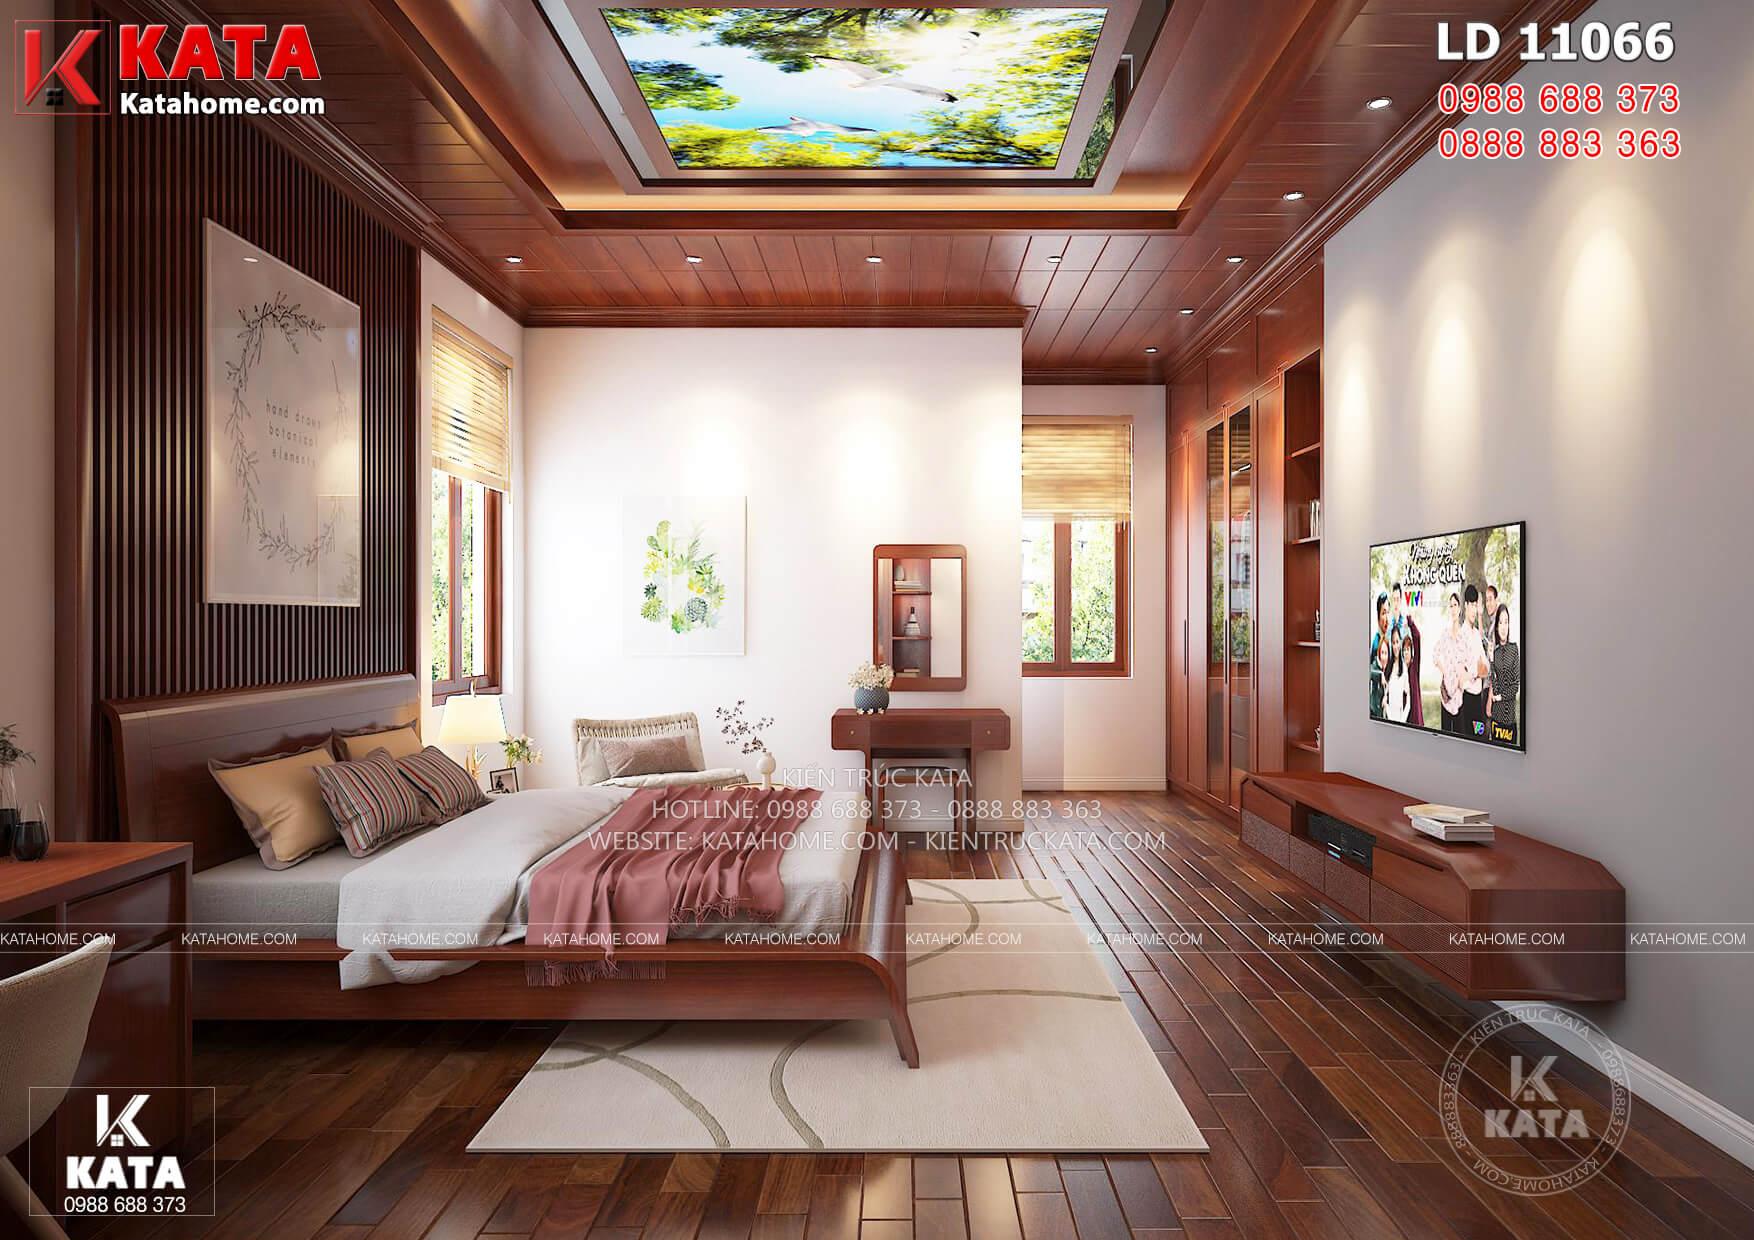 Thiết kế nội thất phòng ngủ con trai đẹp khỏe khoắn lịch lãm với trần gỗ, sàn gỗ và đồ nội thất gỗ